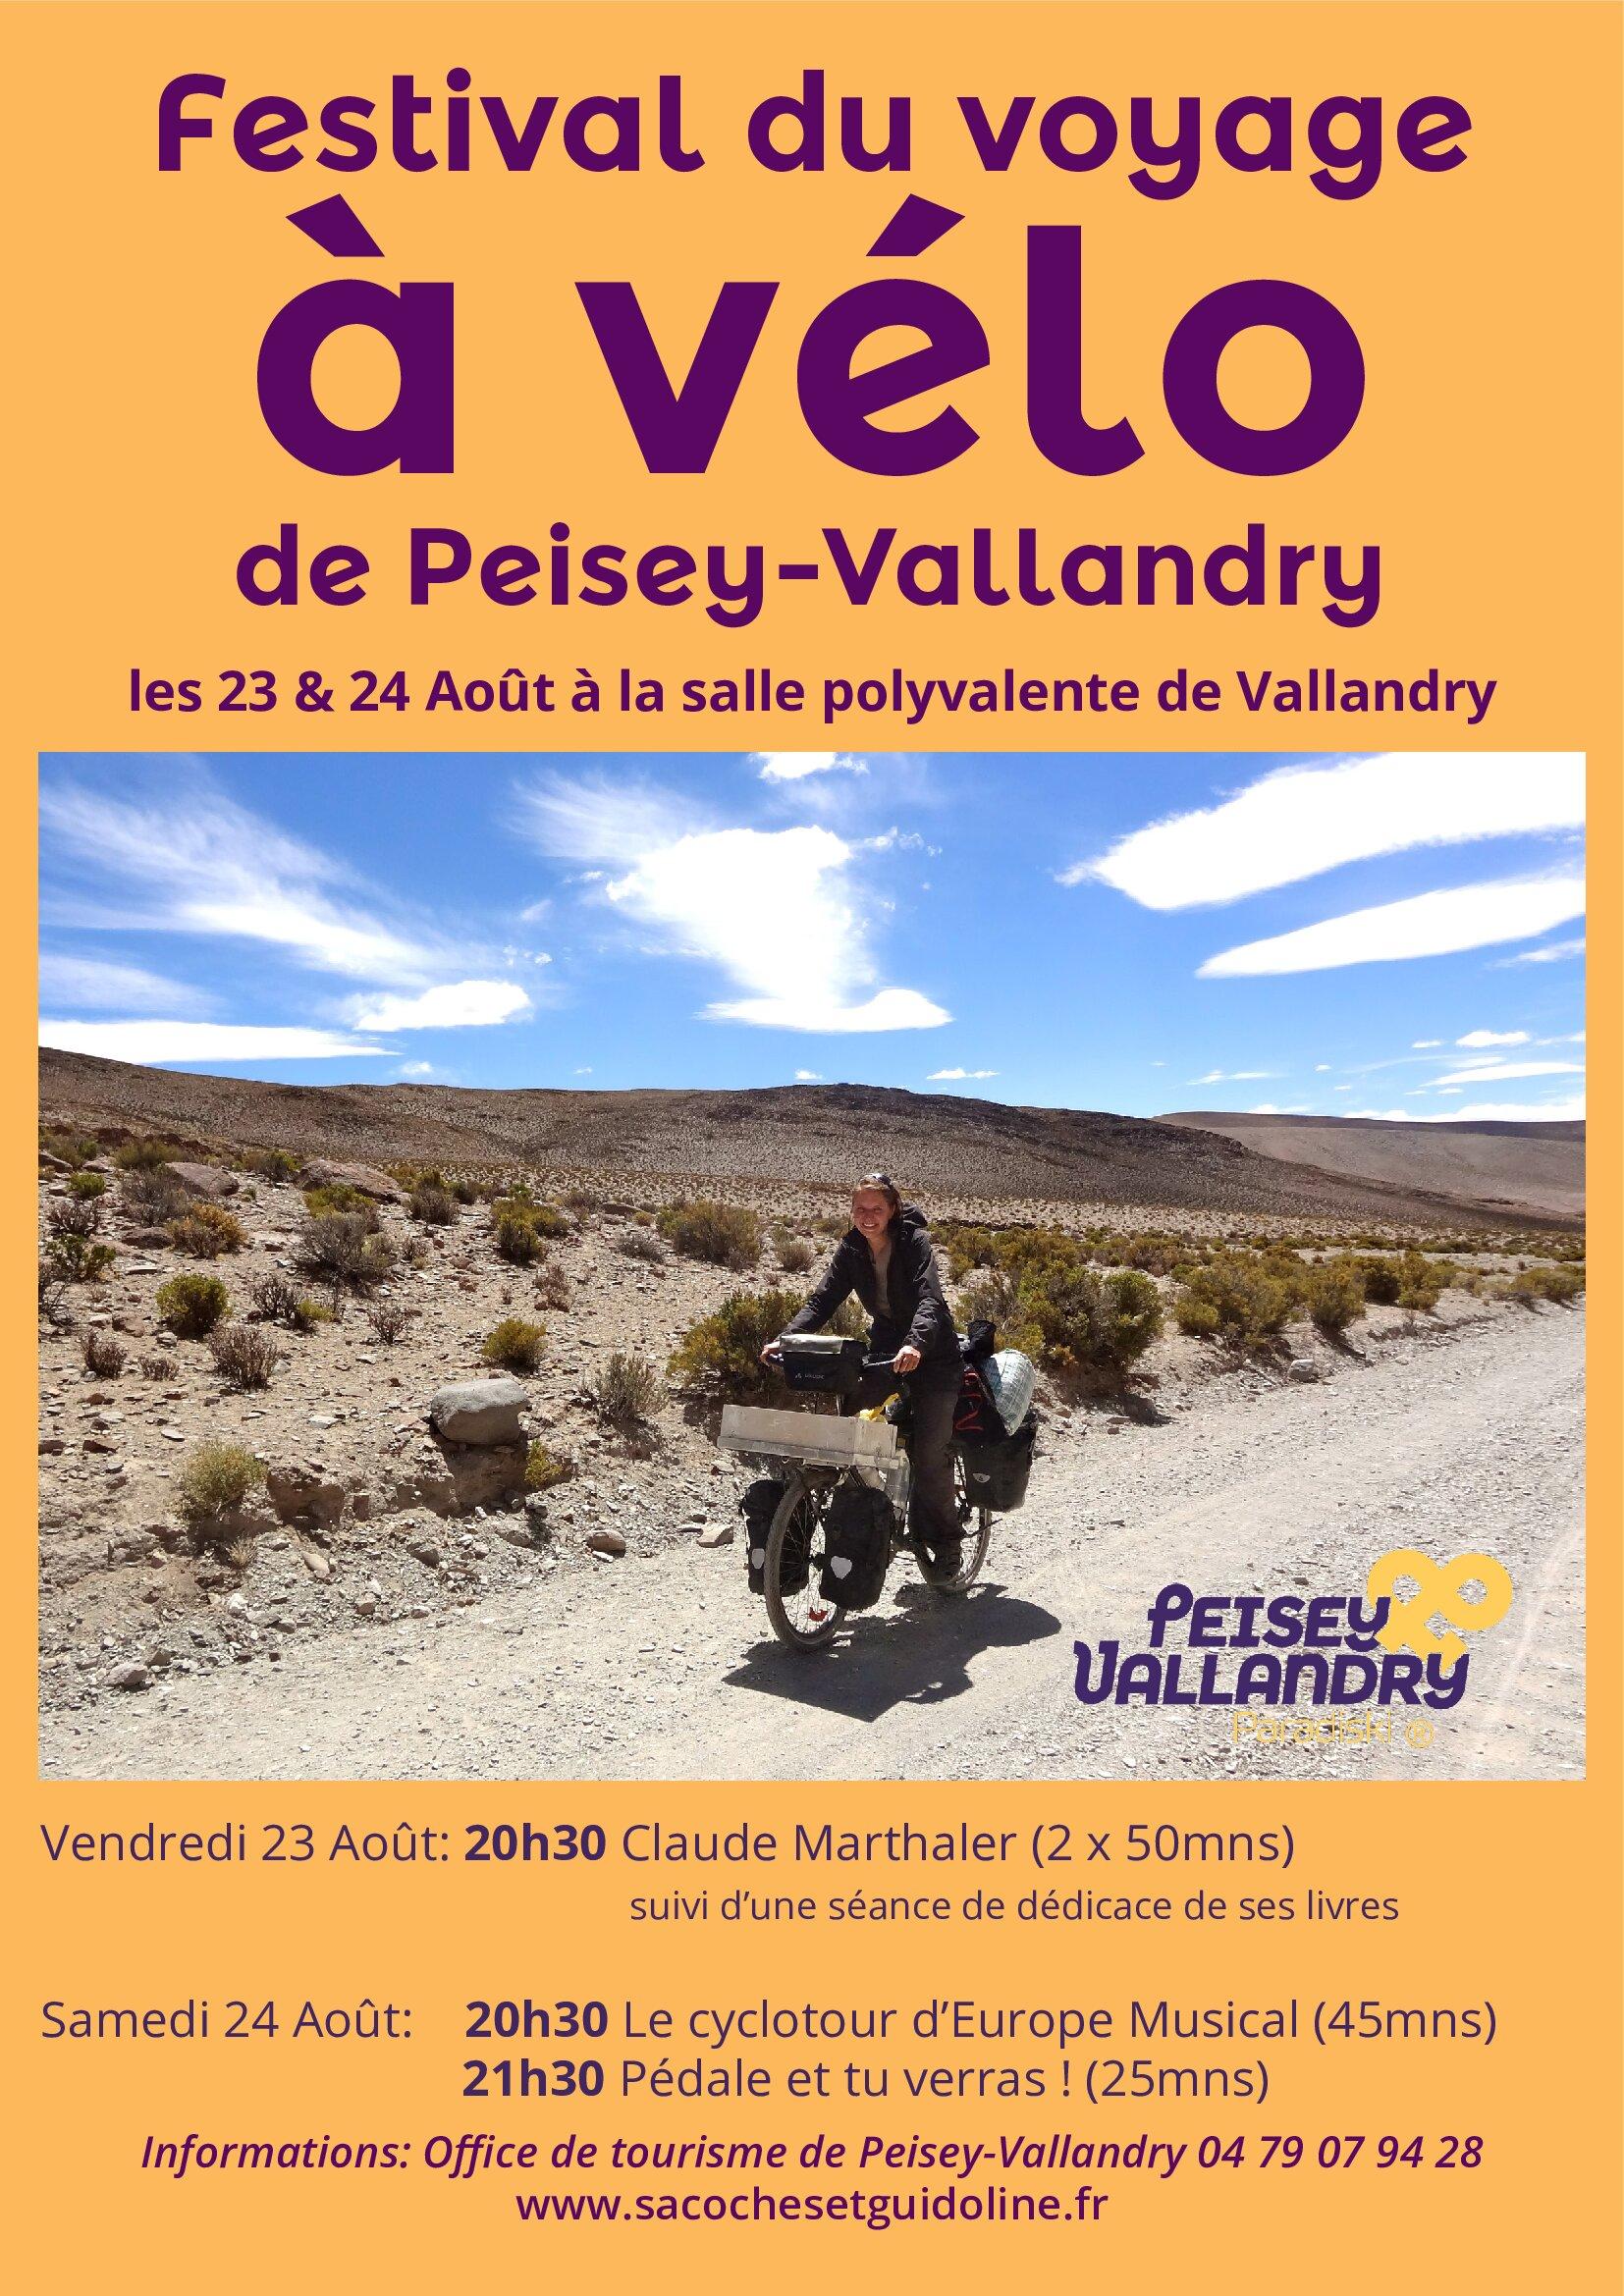 Projection Festival Saccoches et Guidoline à Peisey-Vallandry (17) le samedi 24 août 2019 à 21h30